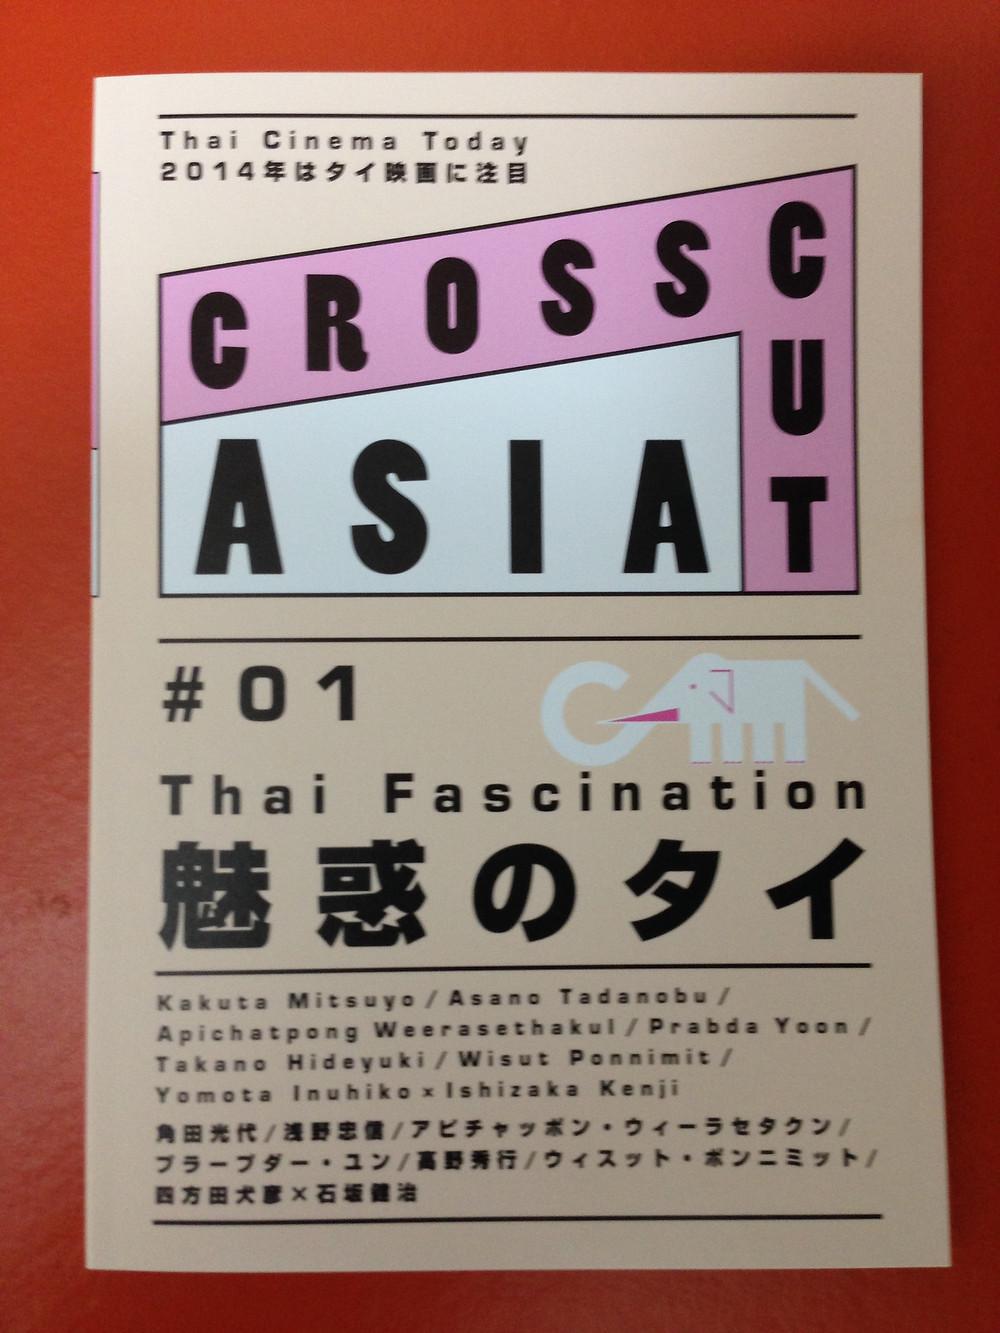 CROSSCUT ASIA.jpg